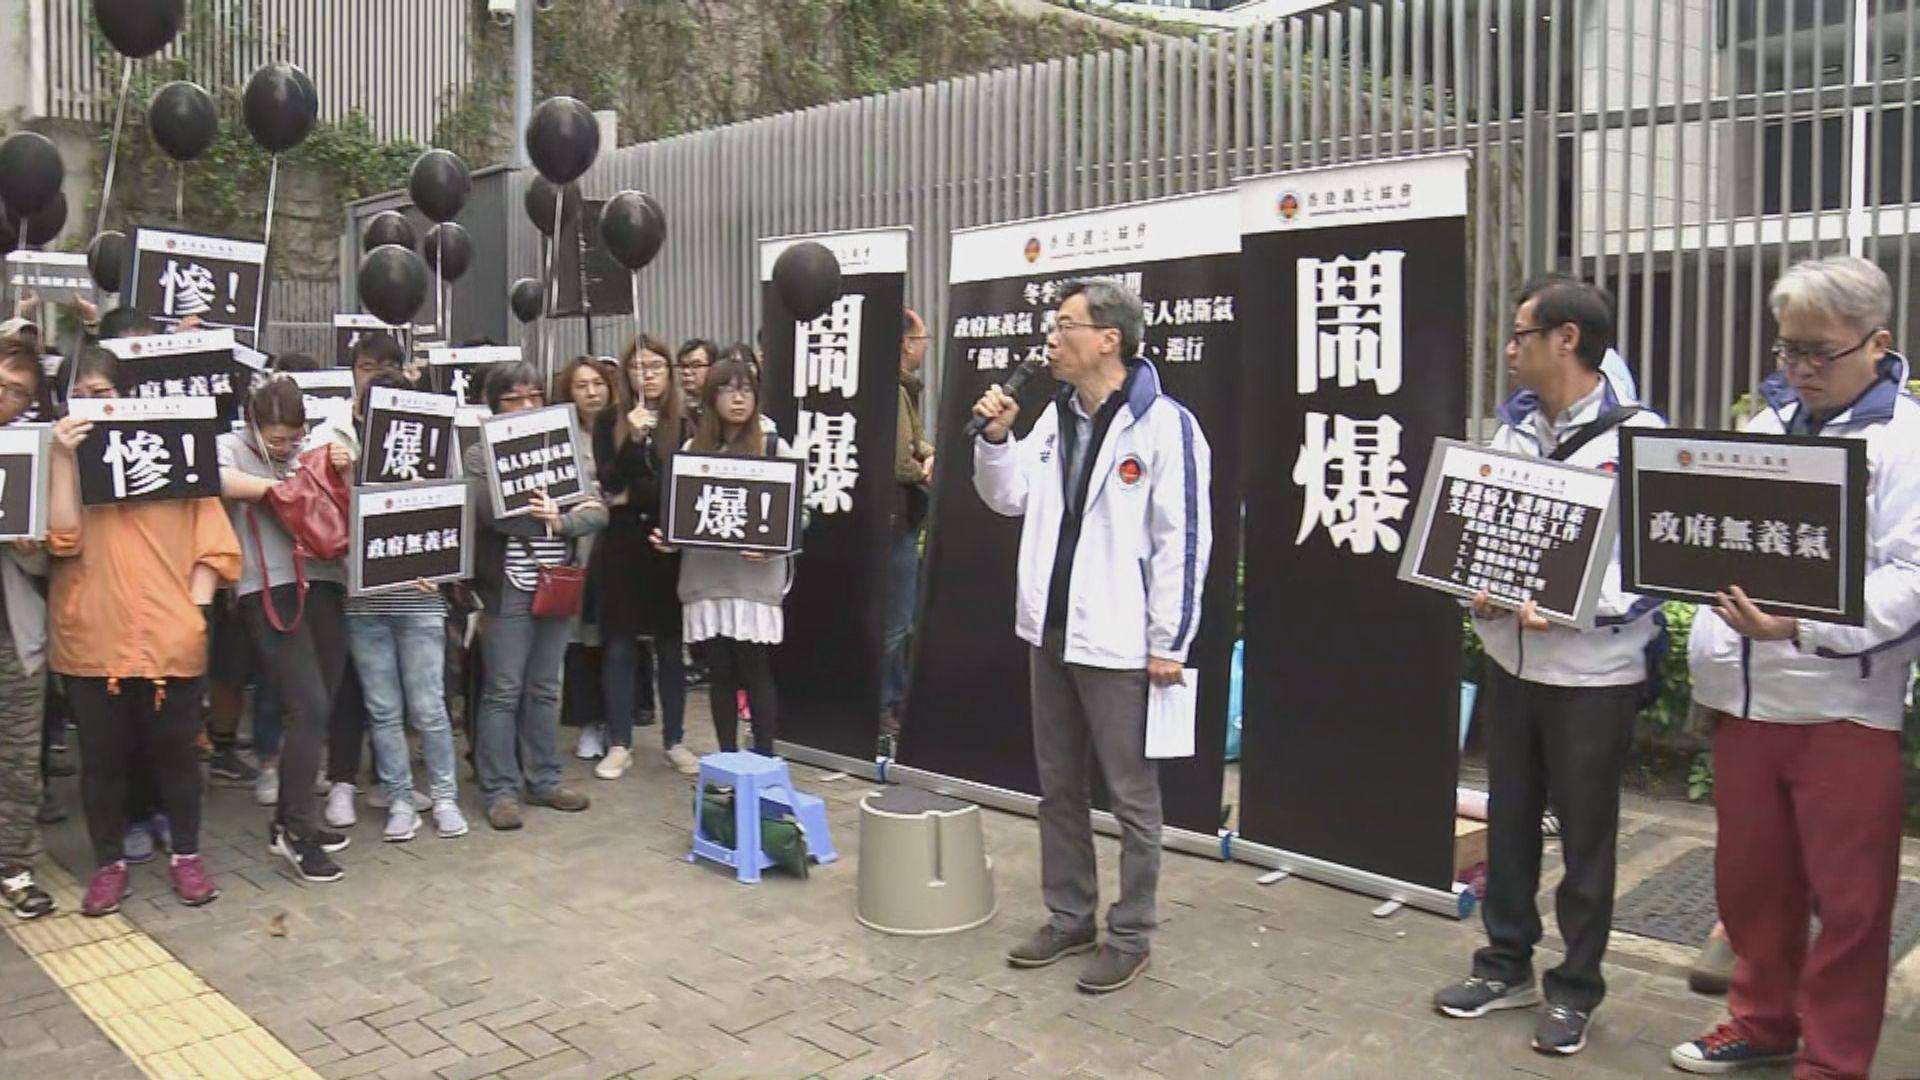 護士集會抗議人手不足促正視工作壓力